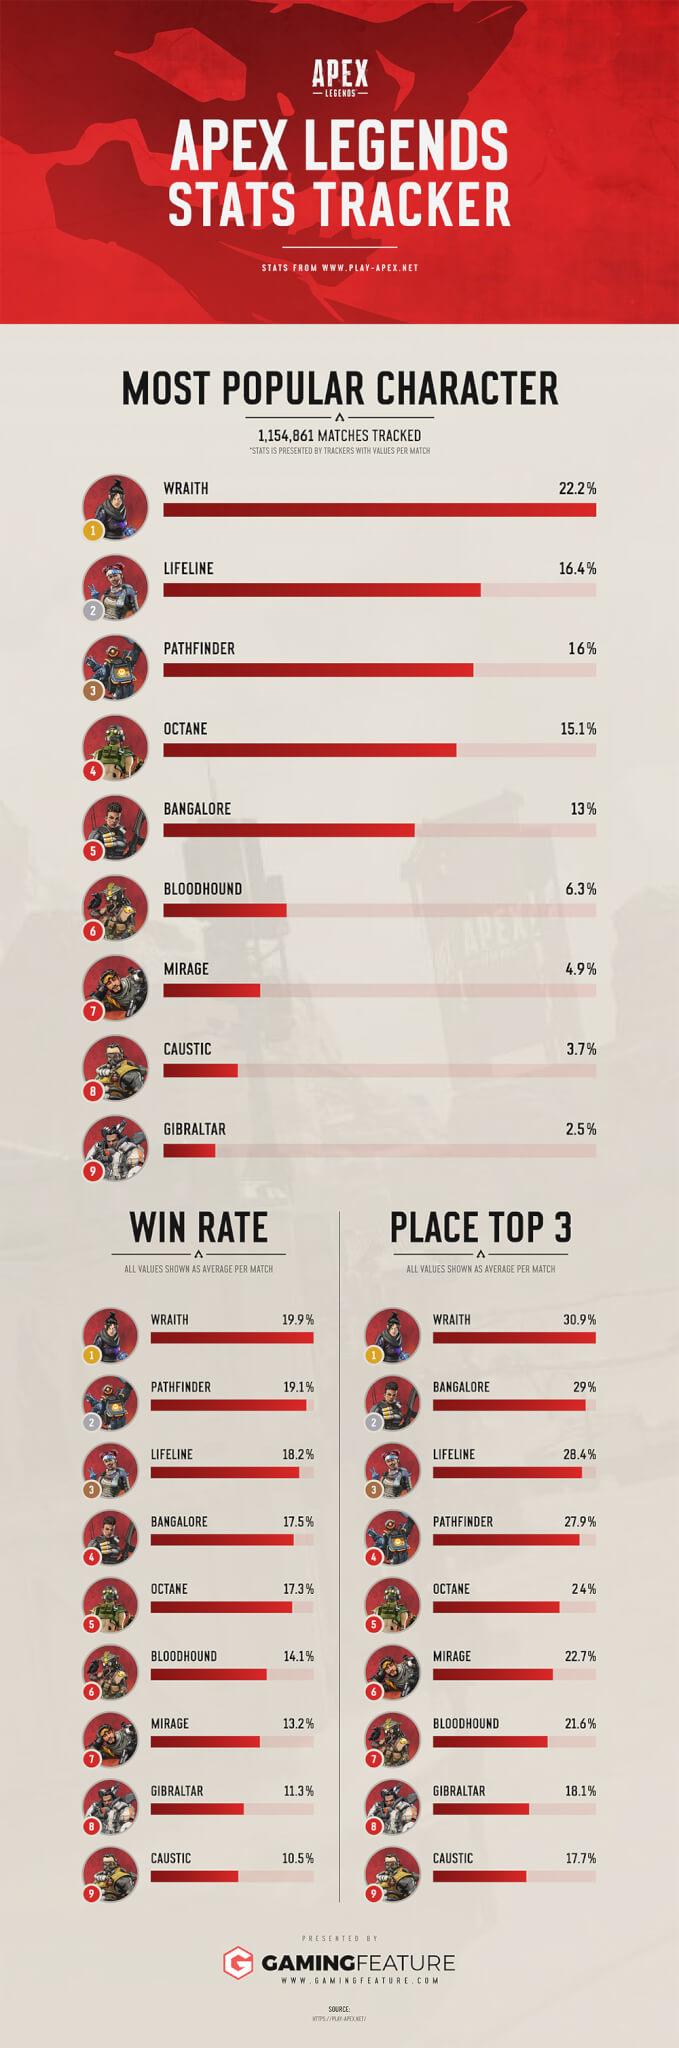 統計情報のインフォグラフ